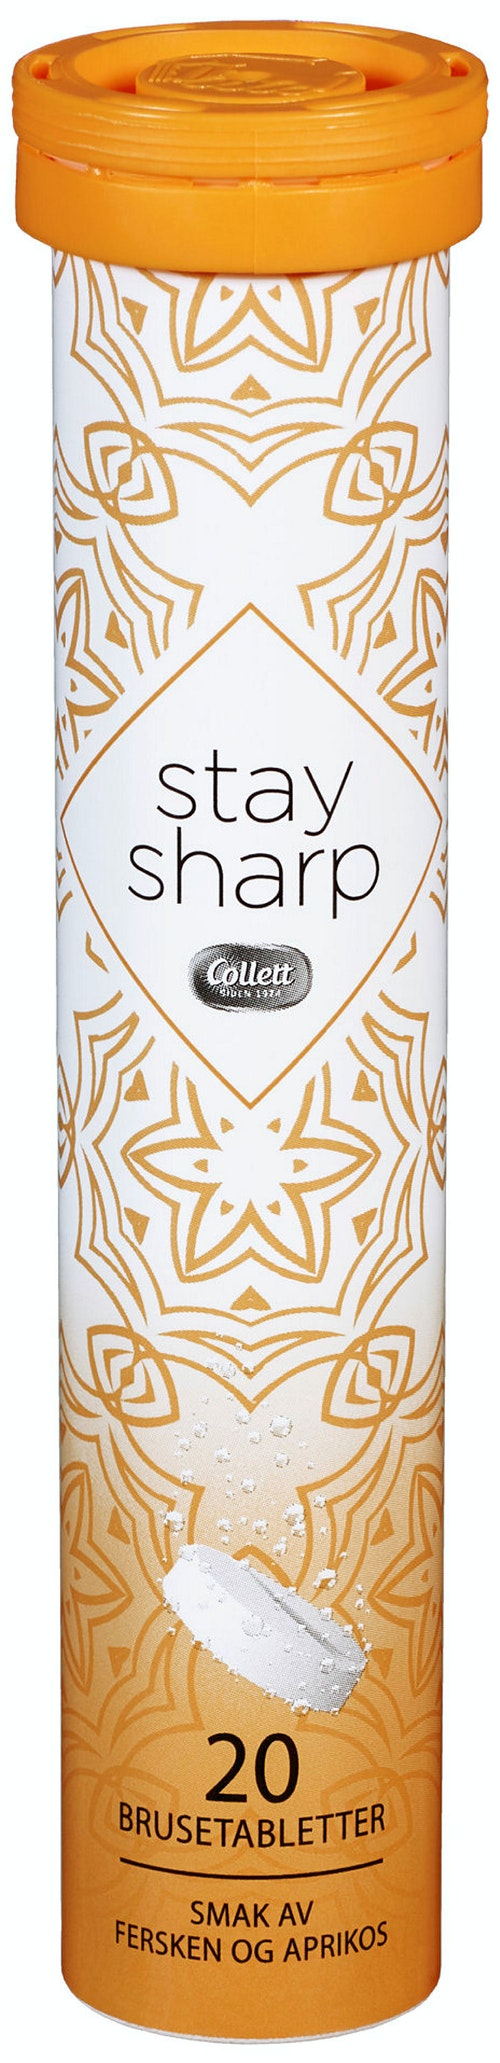 Collett Stay Sharp Fersken & Aprikos Brusetabletter, 20 stk